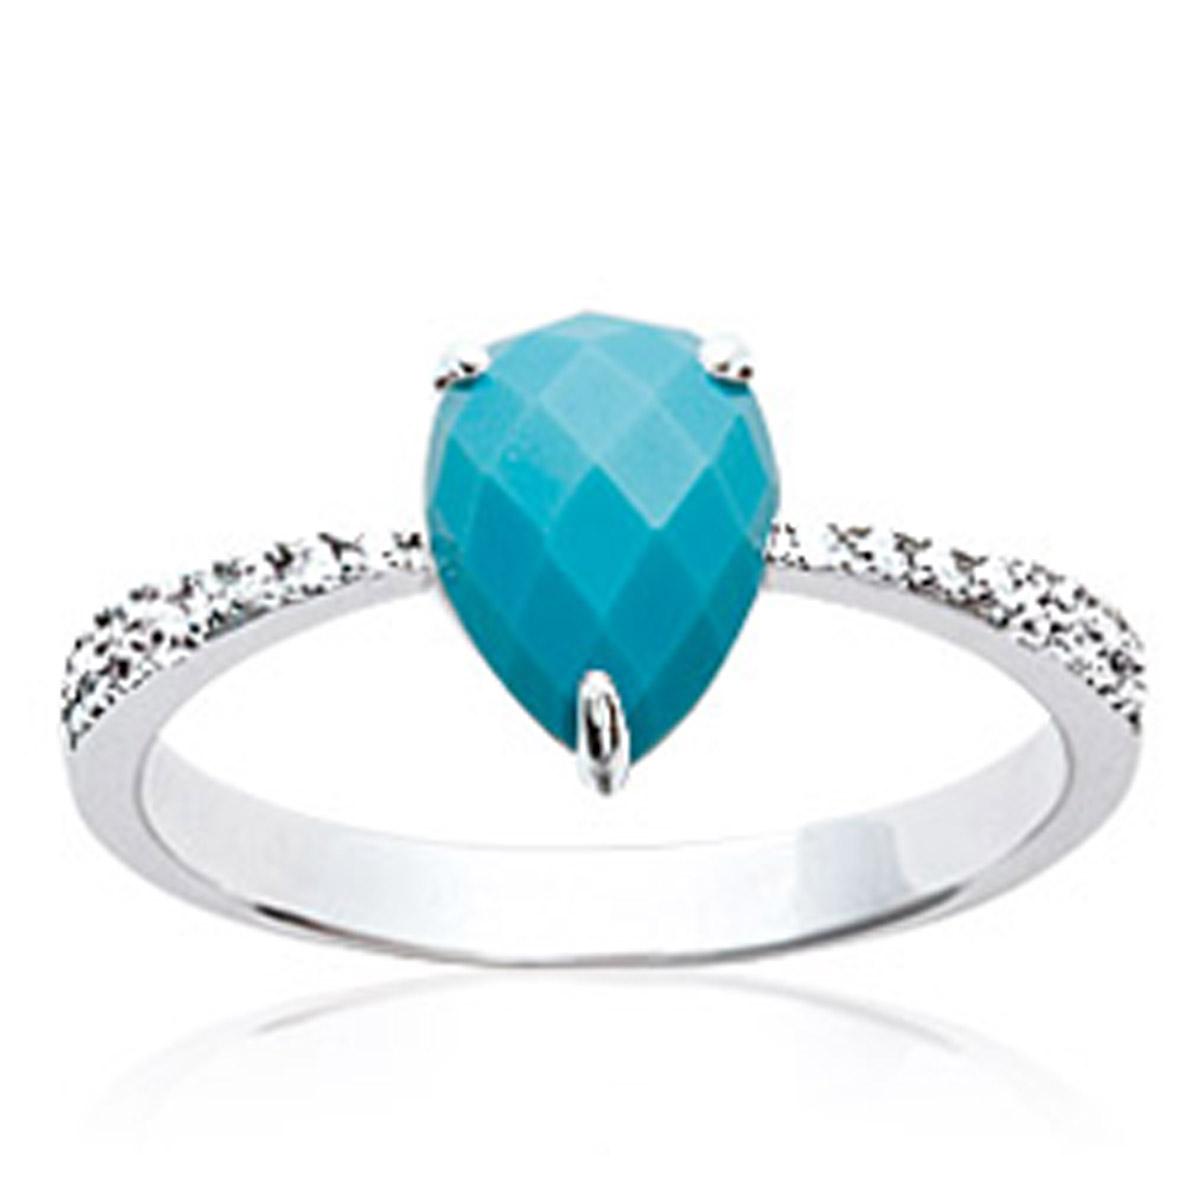 Bague Argent \'Princesse Opale\' turquoise blanc argenté (rhodié) - 10x7 mm - [P0634]